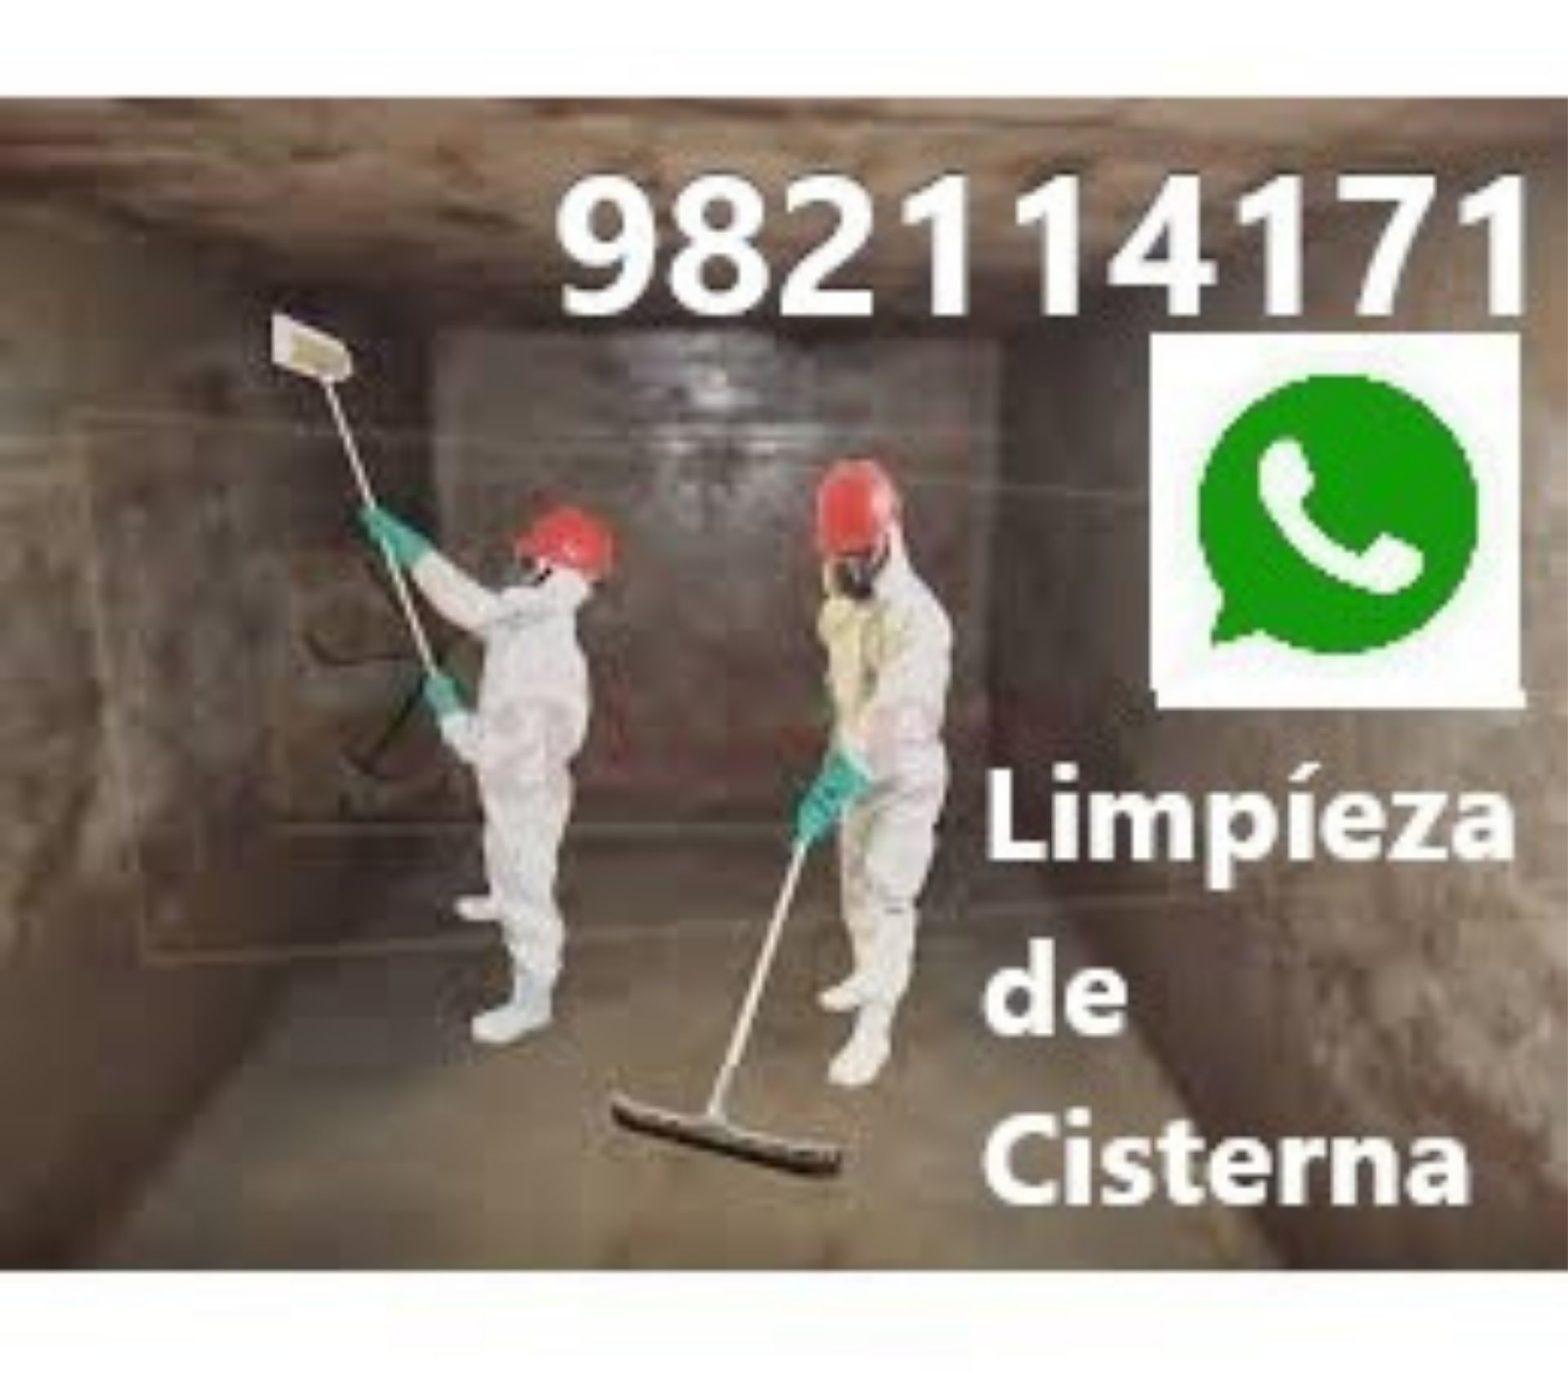 Limpieza, Mantenimiento Cisterna Miraflores